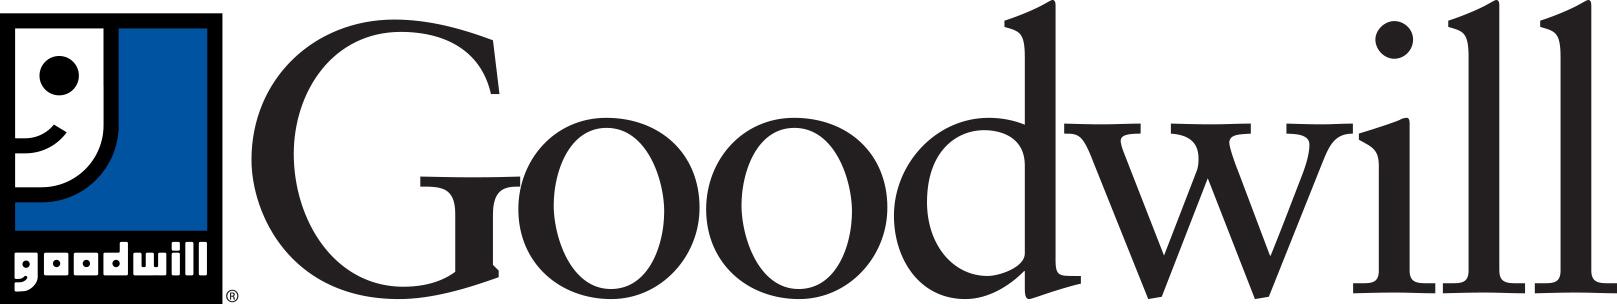 Goodwill sponsor logo